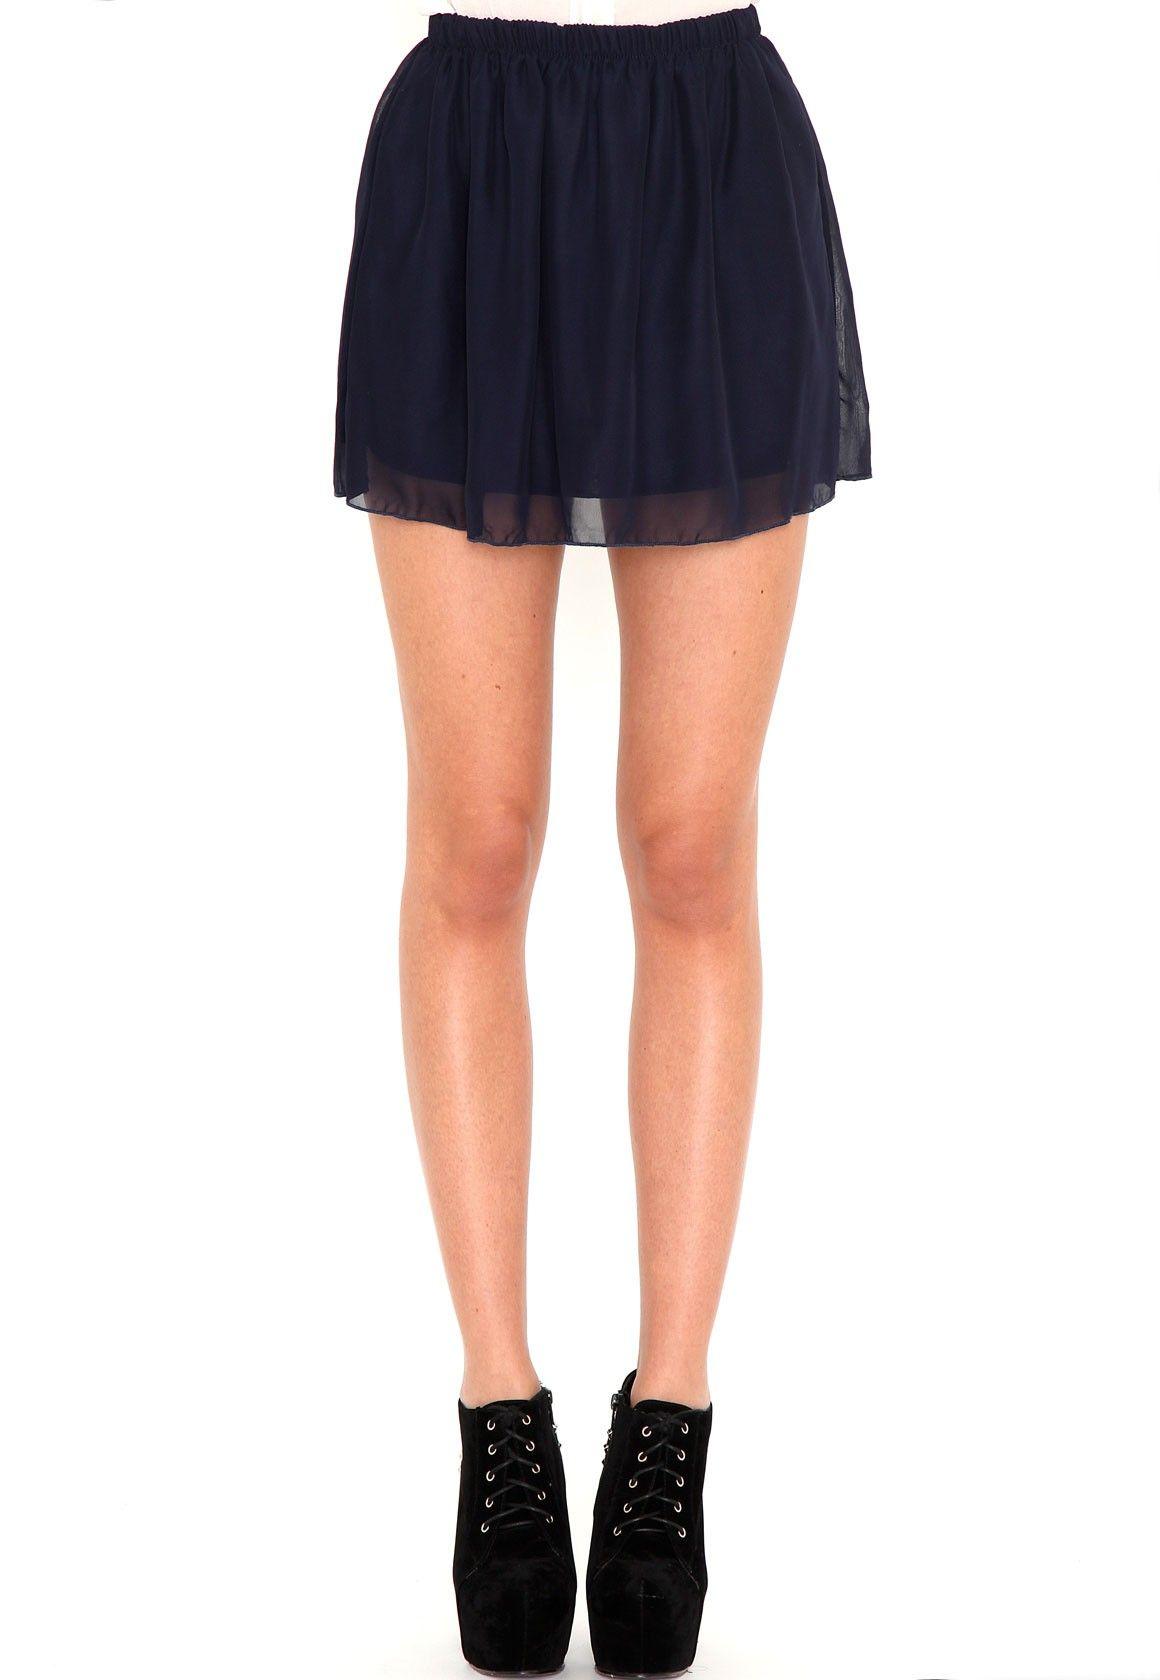 Ellva Sheer Skater Skirt In Navy